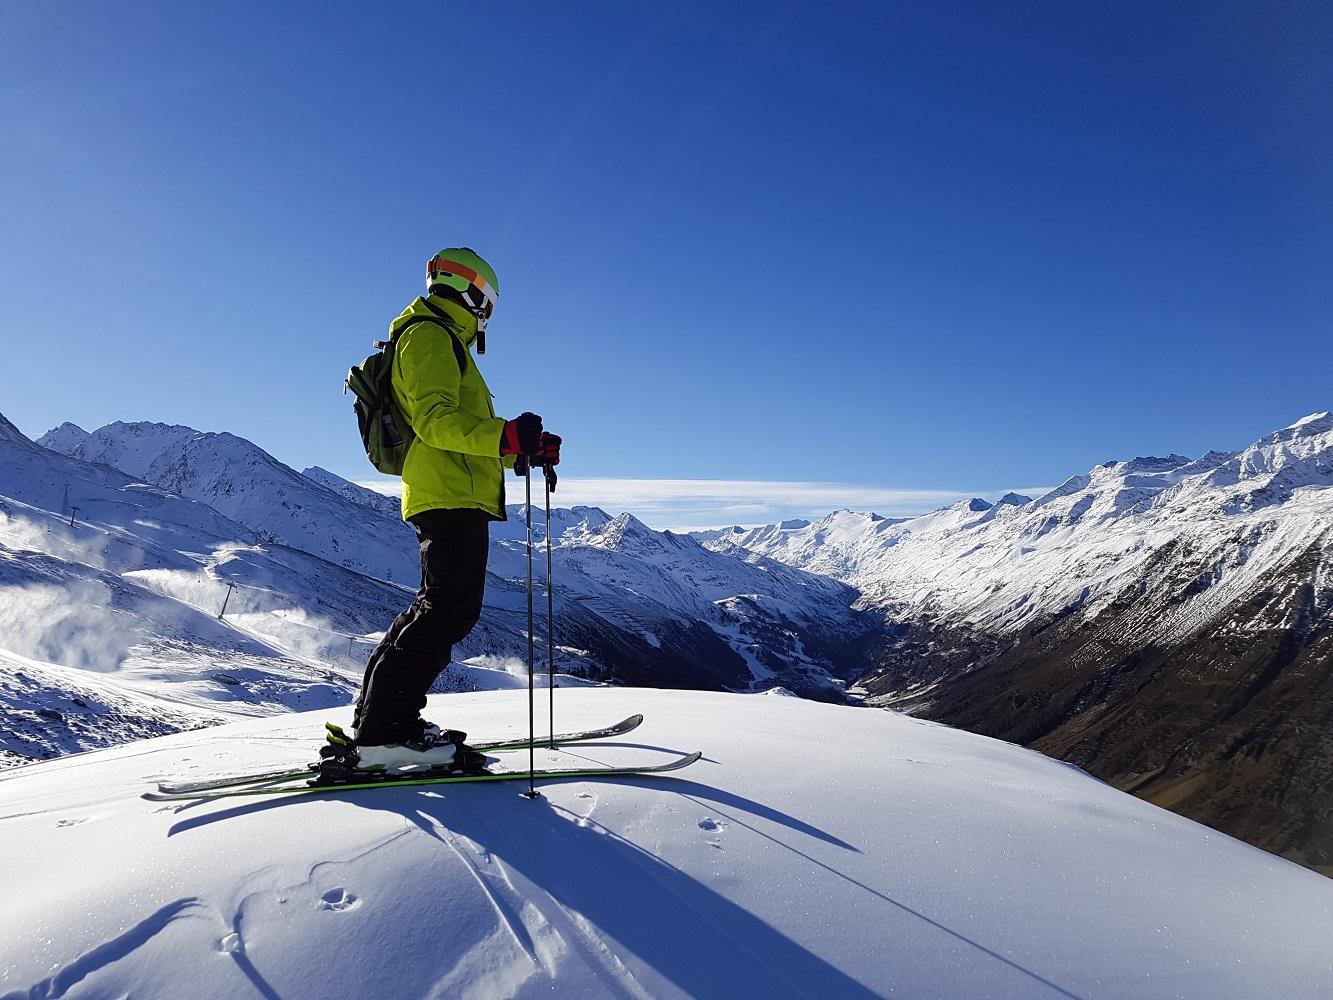 Dobre ubezpieczenie narciarskie